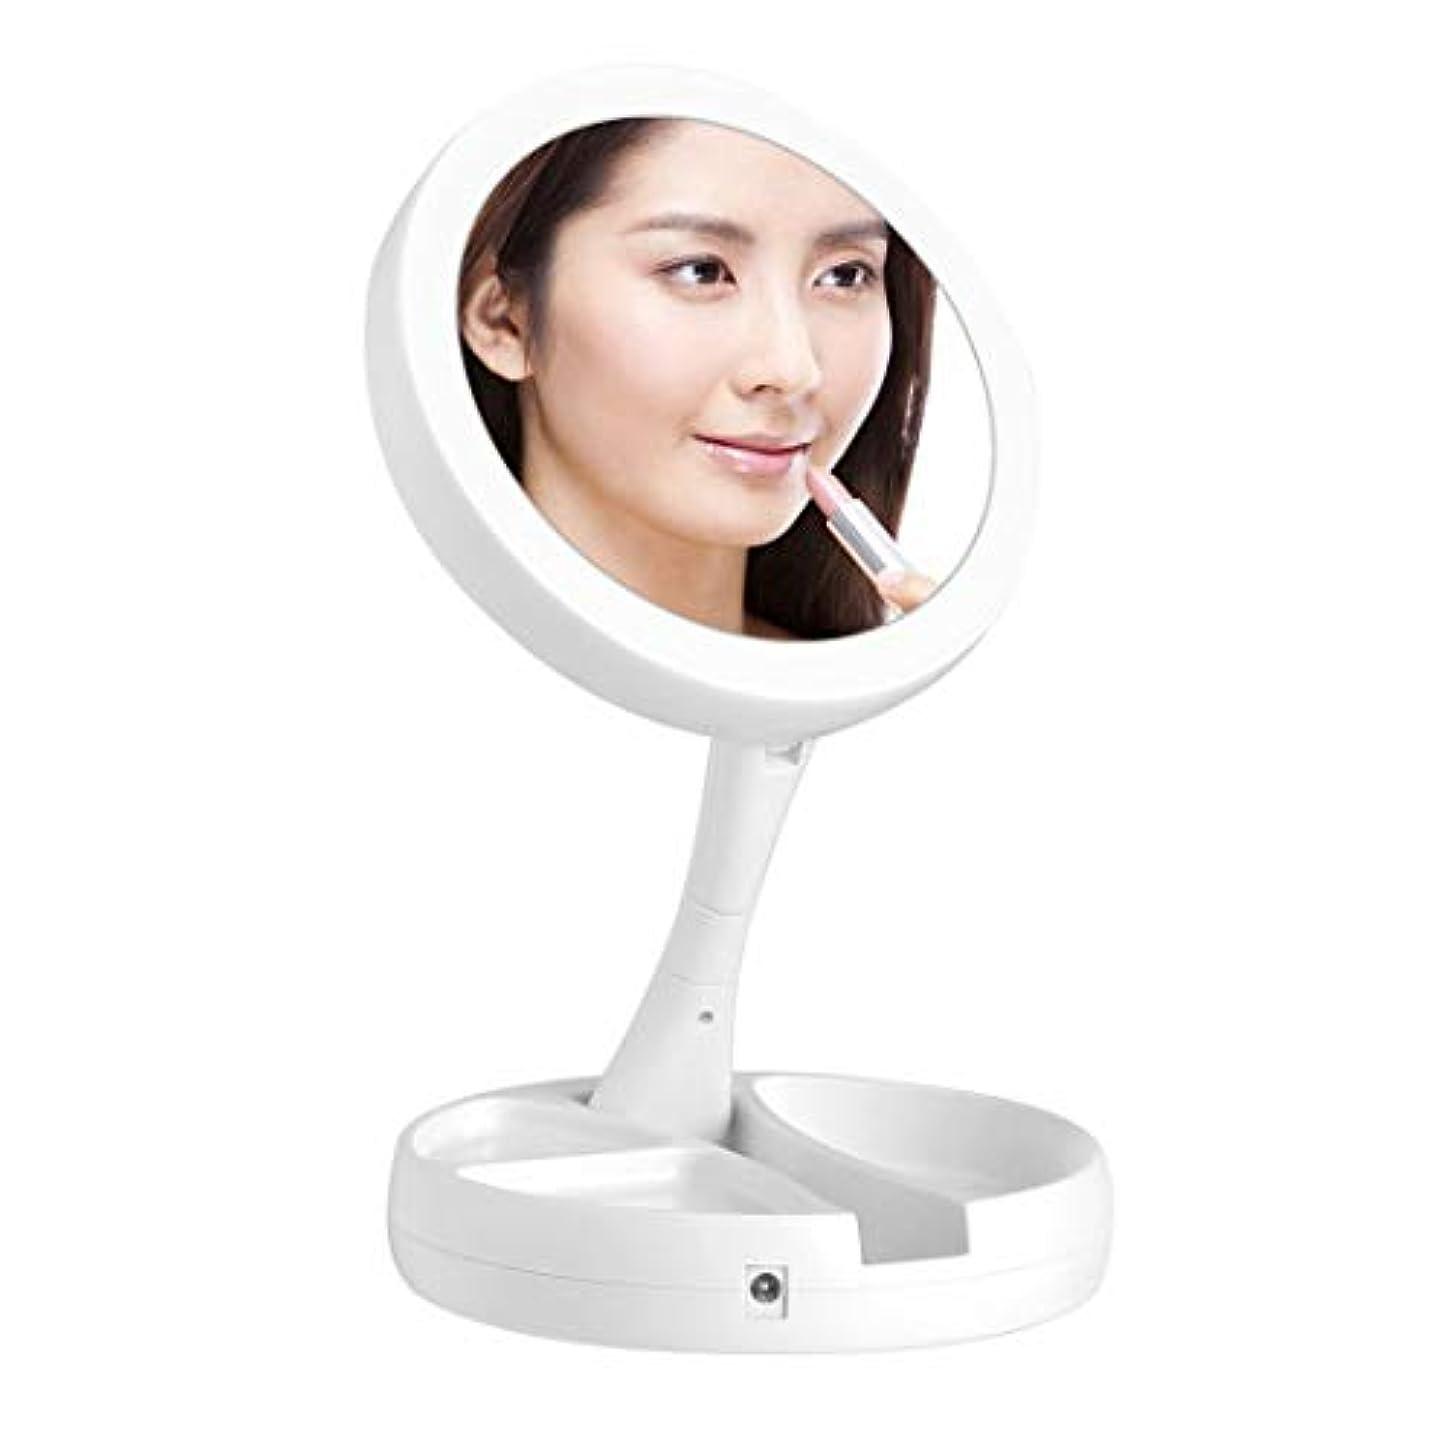 野生桁深さkamaa化粧鏡 化粧ミラー 女優ミラー LED両面鏡 鏡 10倍拡大鏡付き 折り畳み式 卓上 テーブルランプUSB/電池給電 180°回転